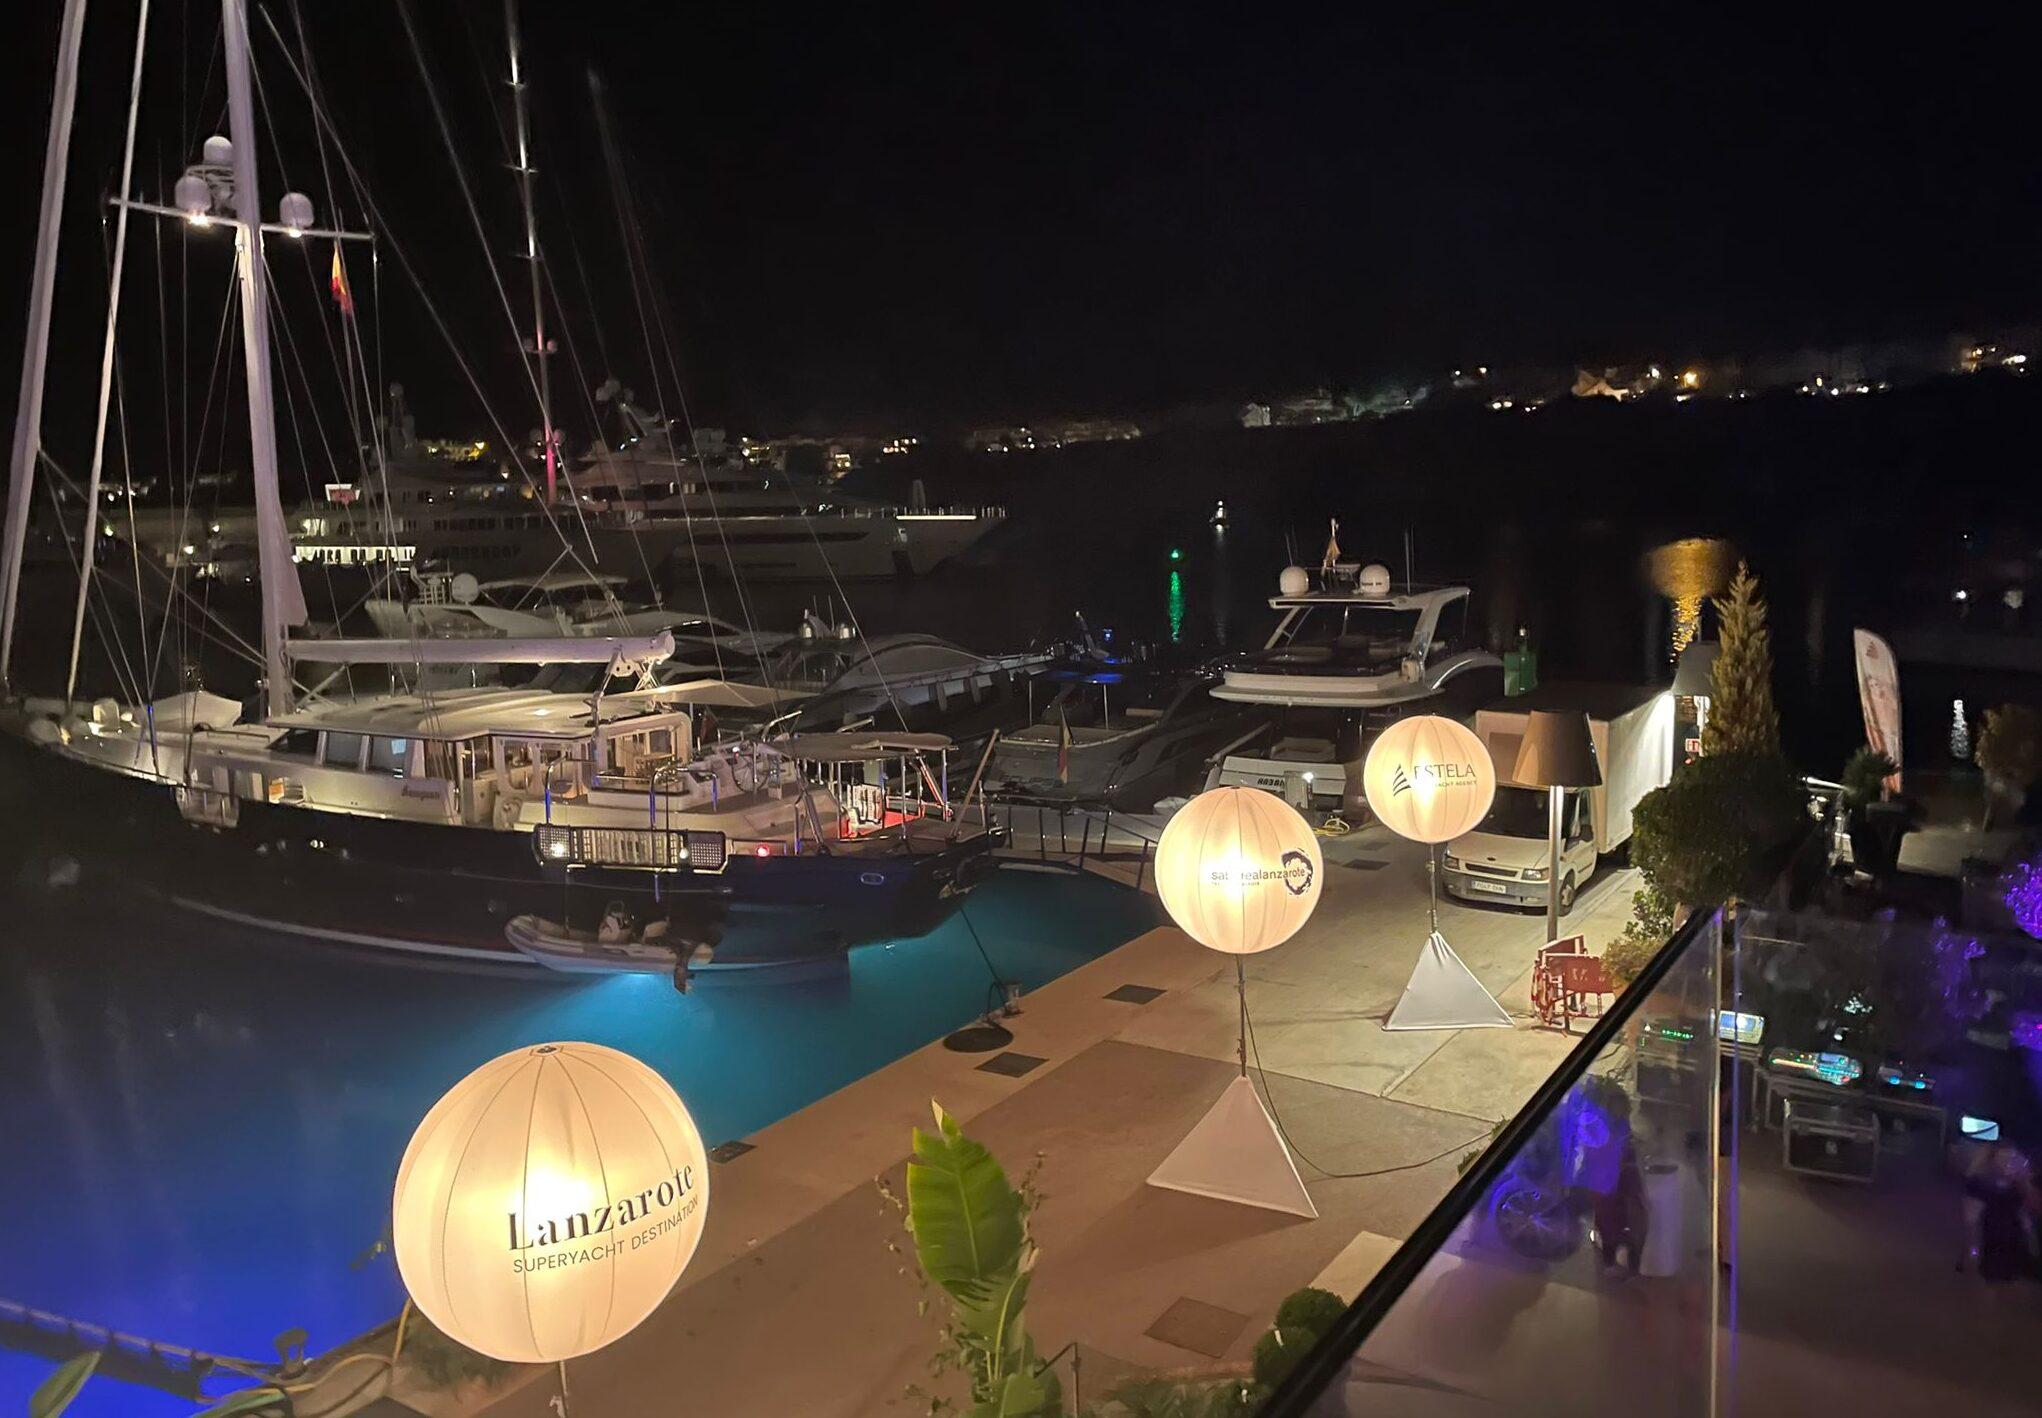 Presentación Lanzarote superyacht Estela agency